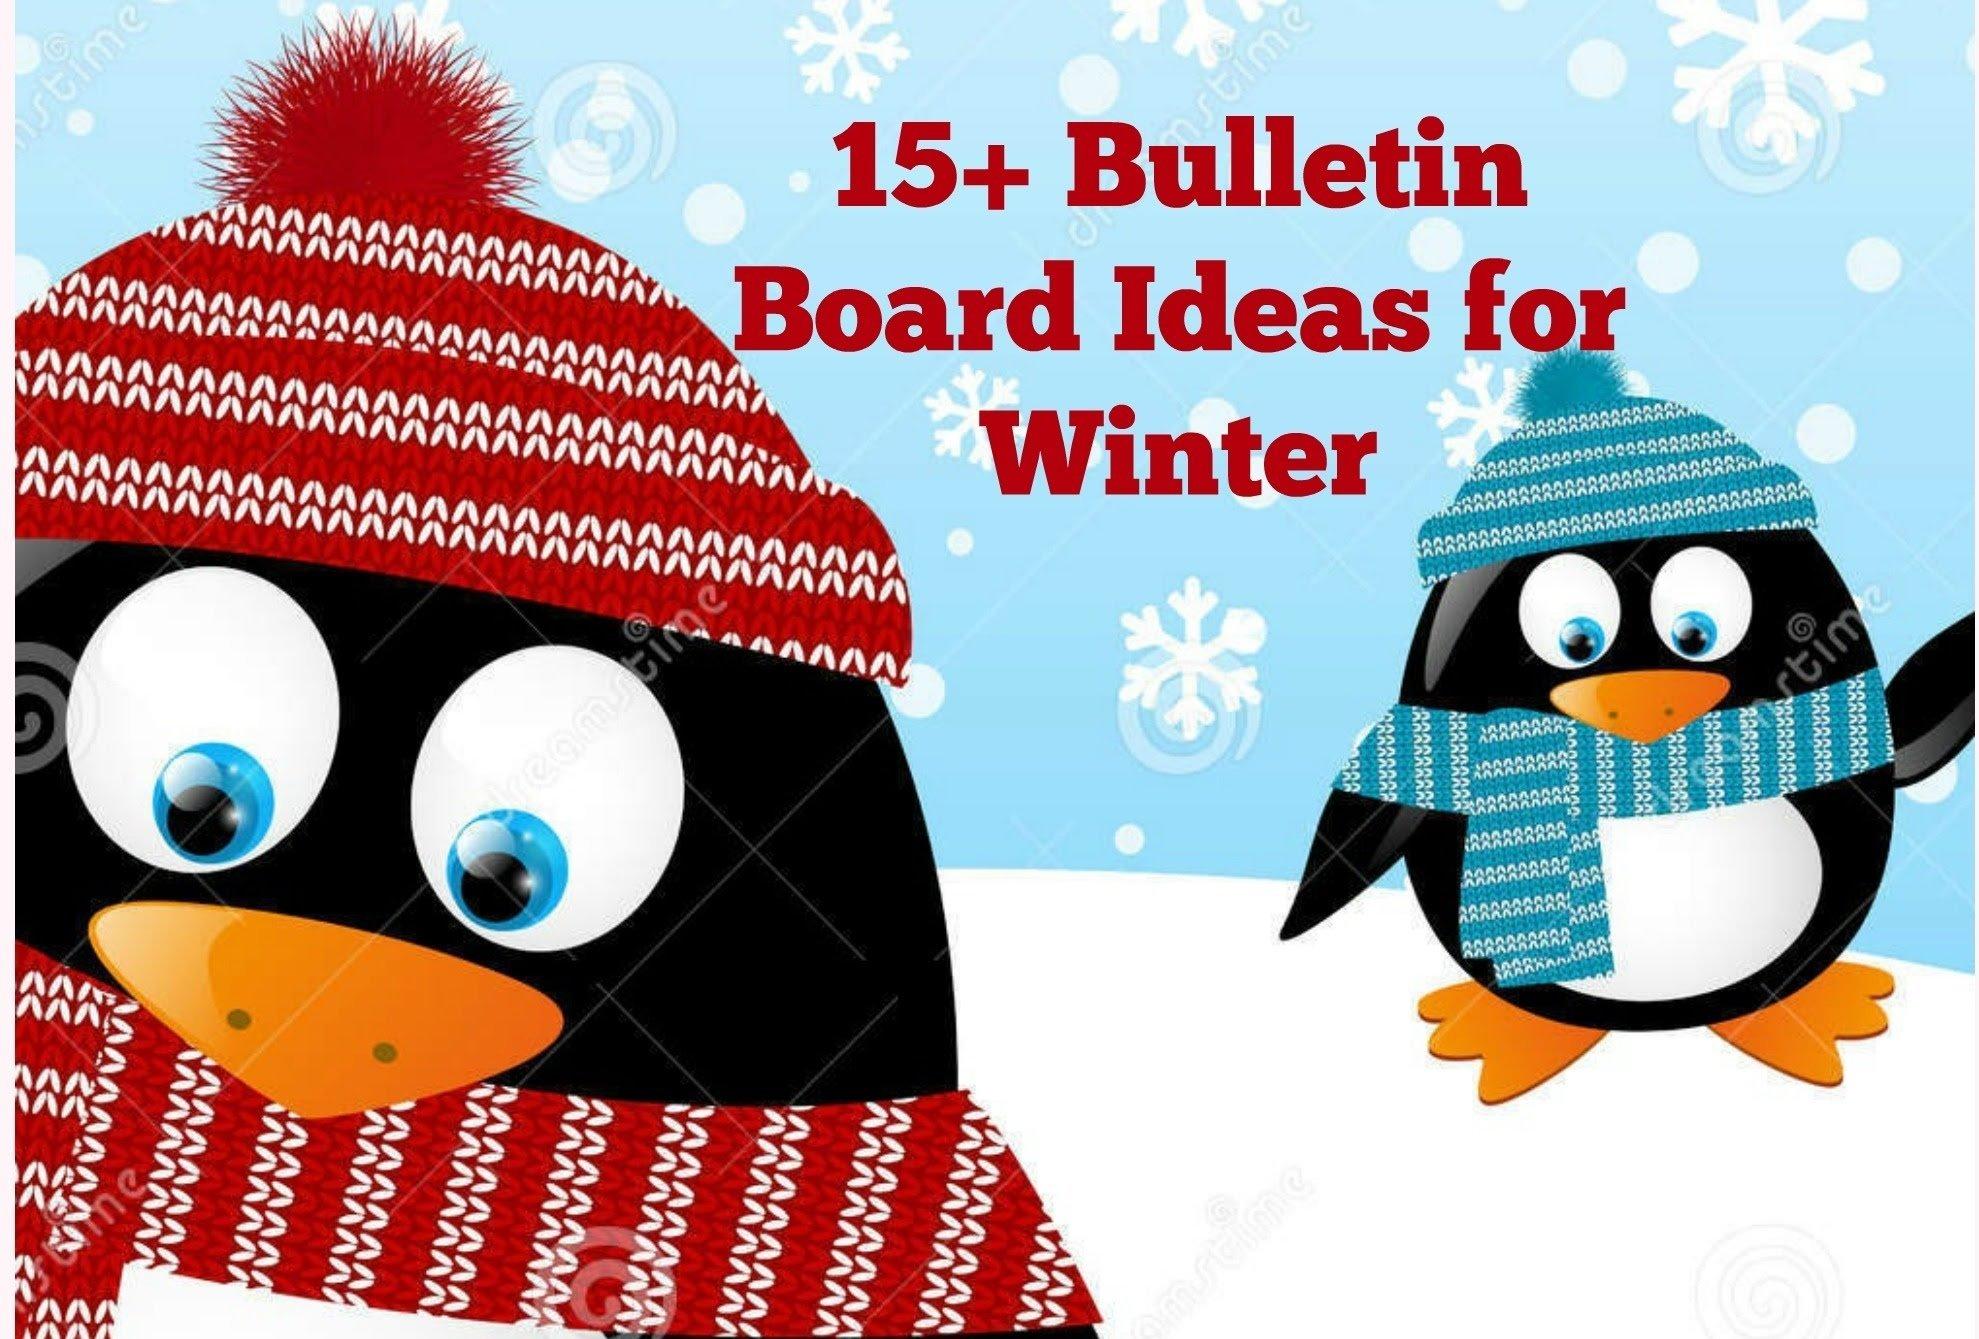 10 Great Winter Bulletin Board Ideas For Preschool bulletin board ideas for winter youtube 2020